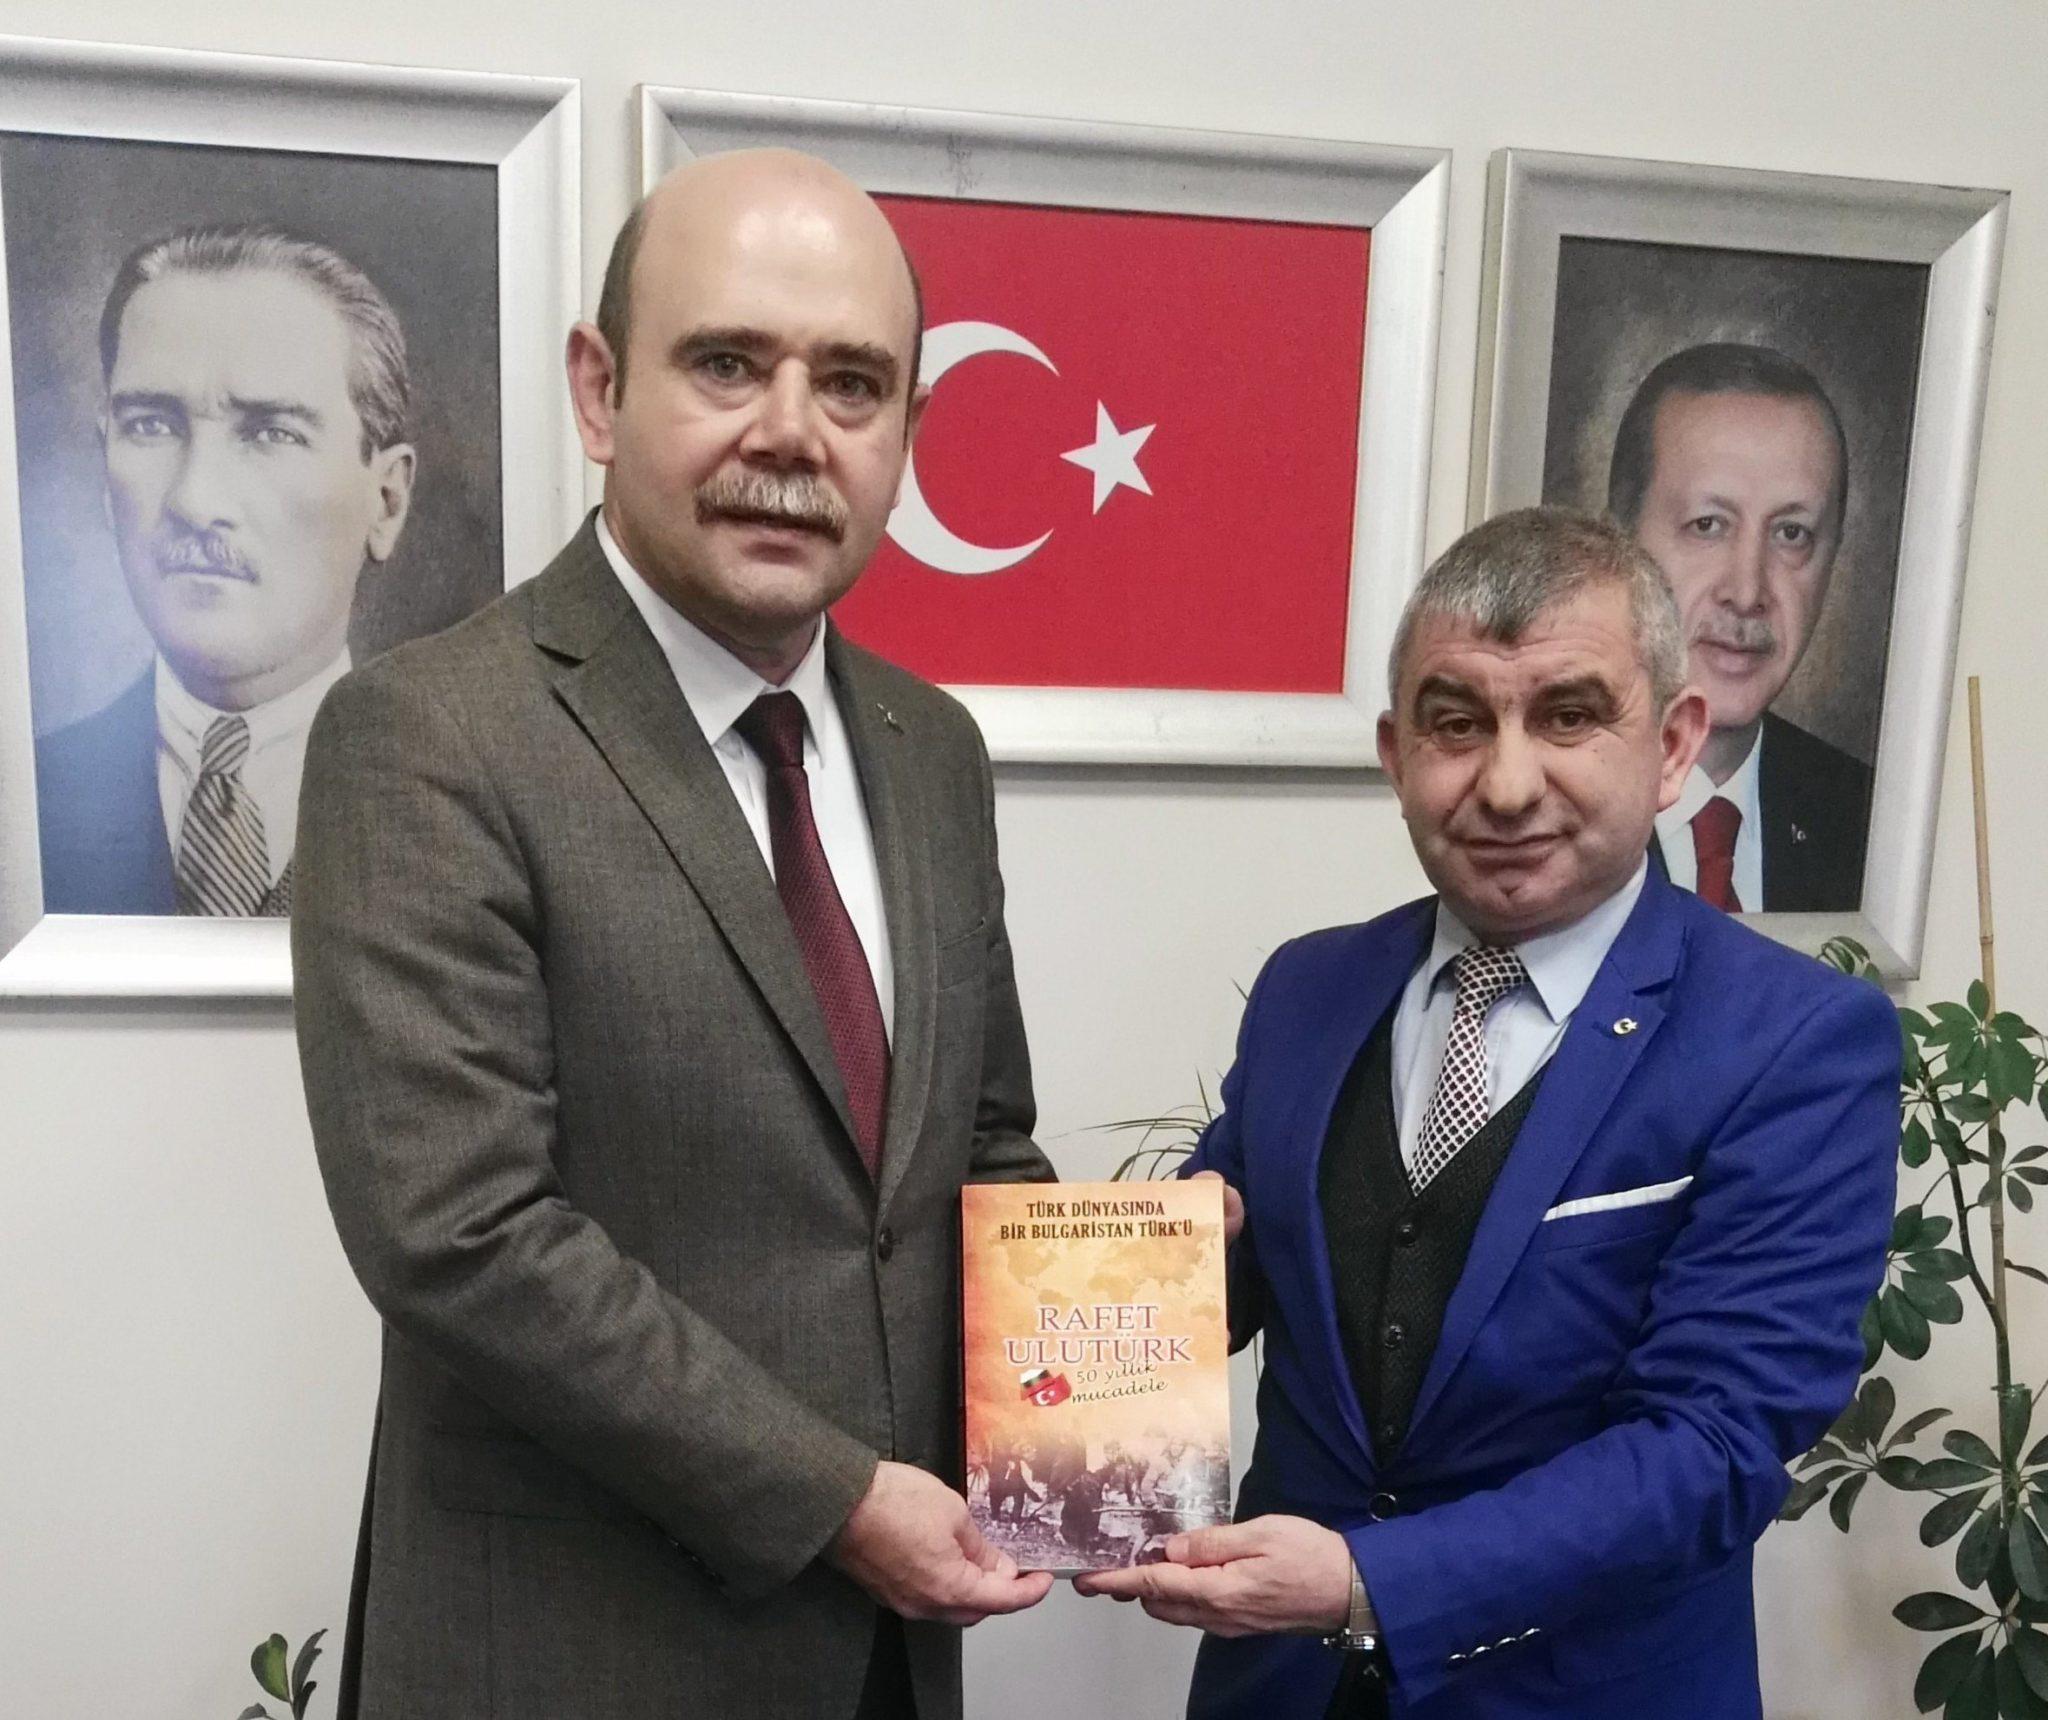 BULTÜRK Derneği Genel Başkanı Rafet Ulutürk kendi kitabını takdim ederken